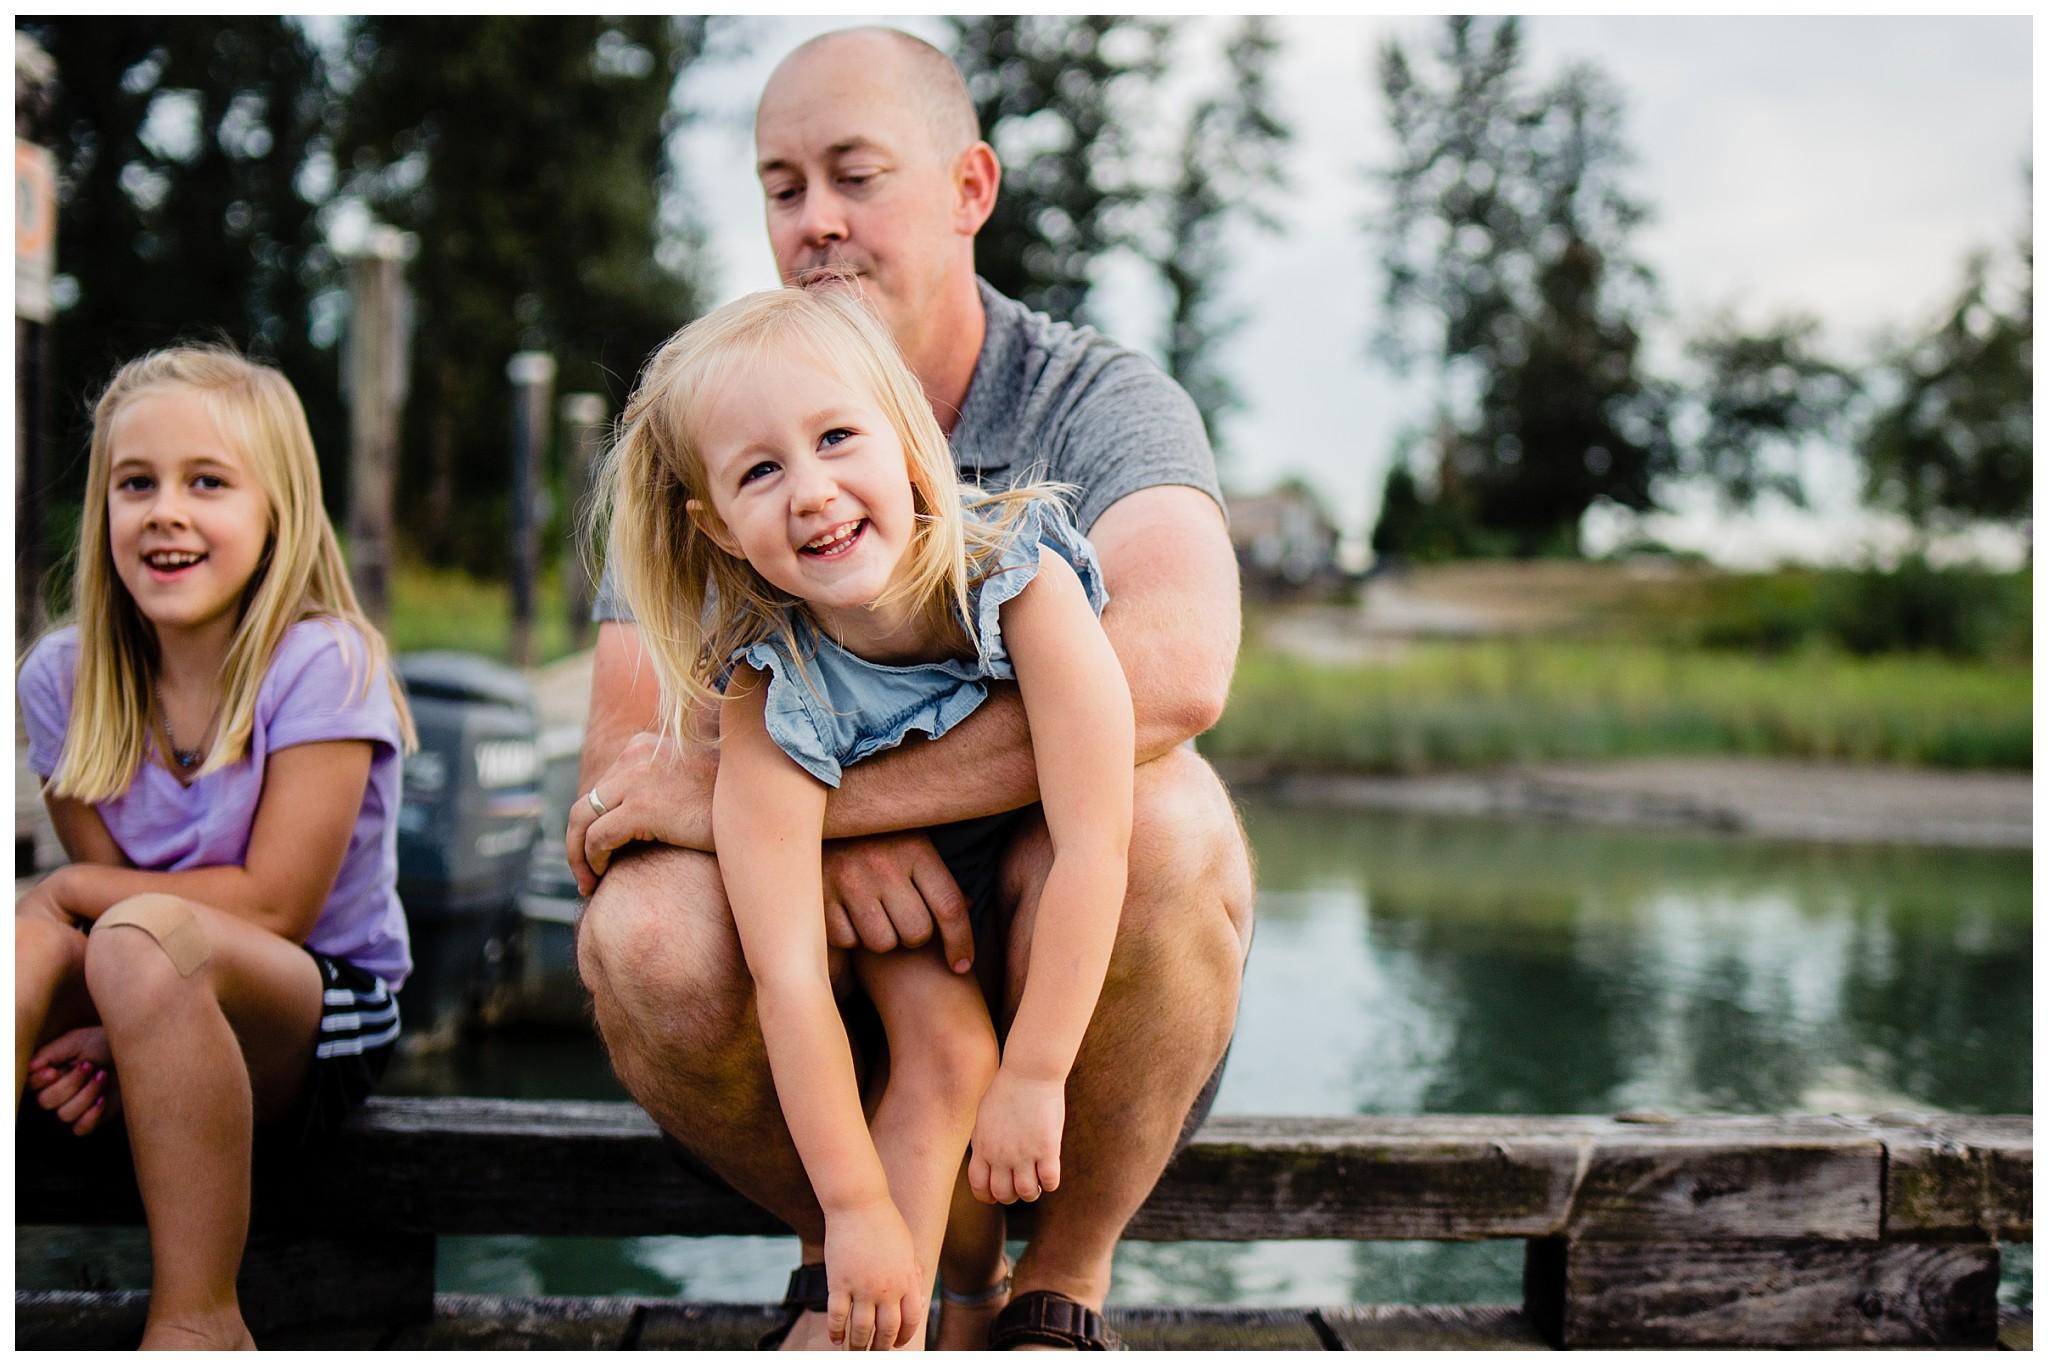 Pitt Lake Documentary Family Photographer Bubbles Mud Family of 6 Boys Girls Children_0095.jpg